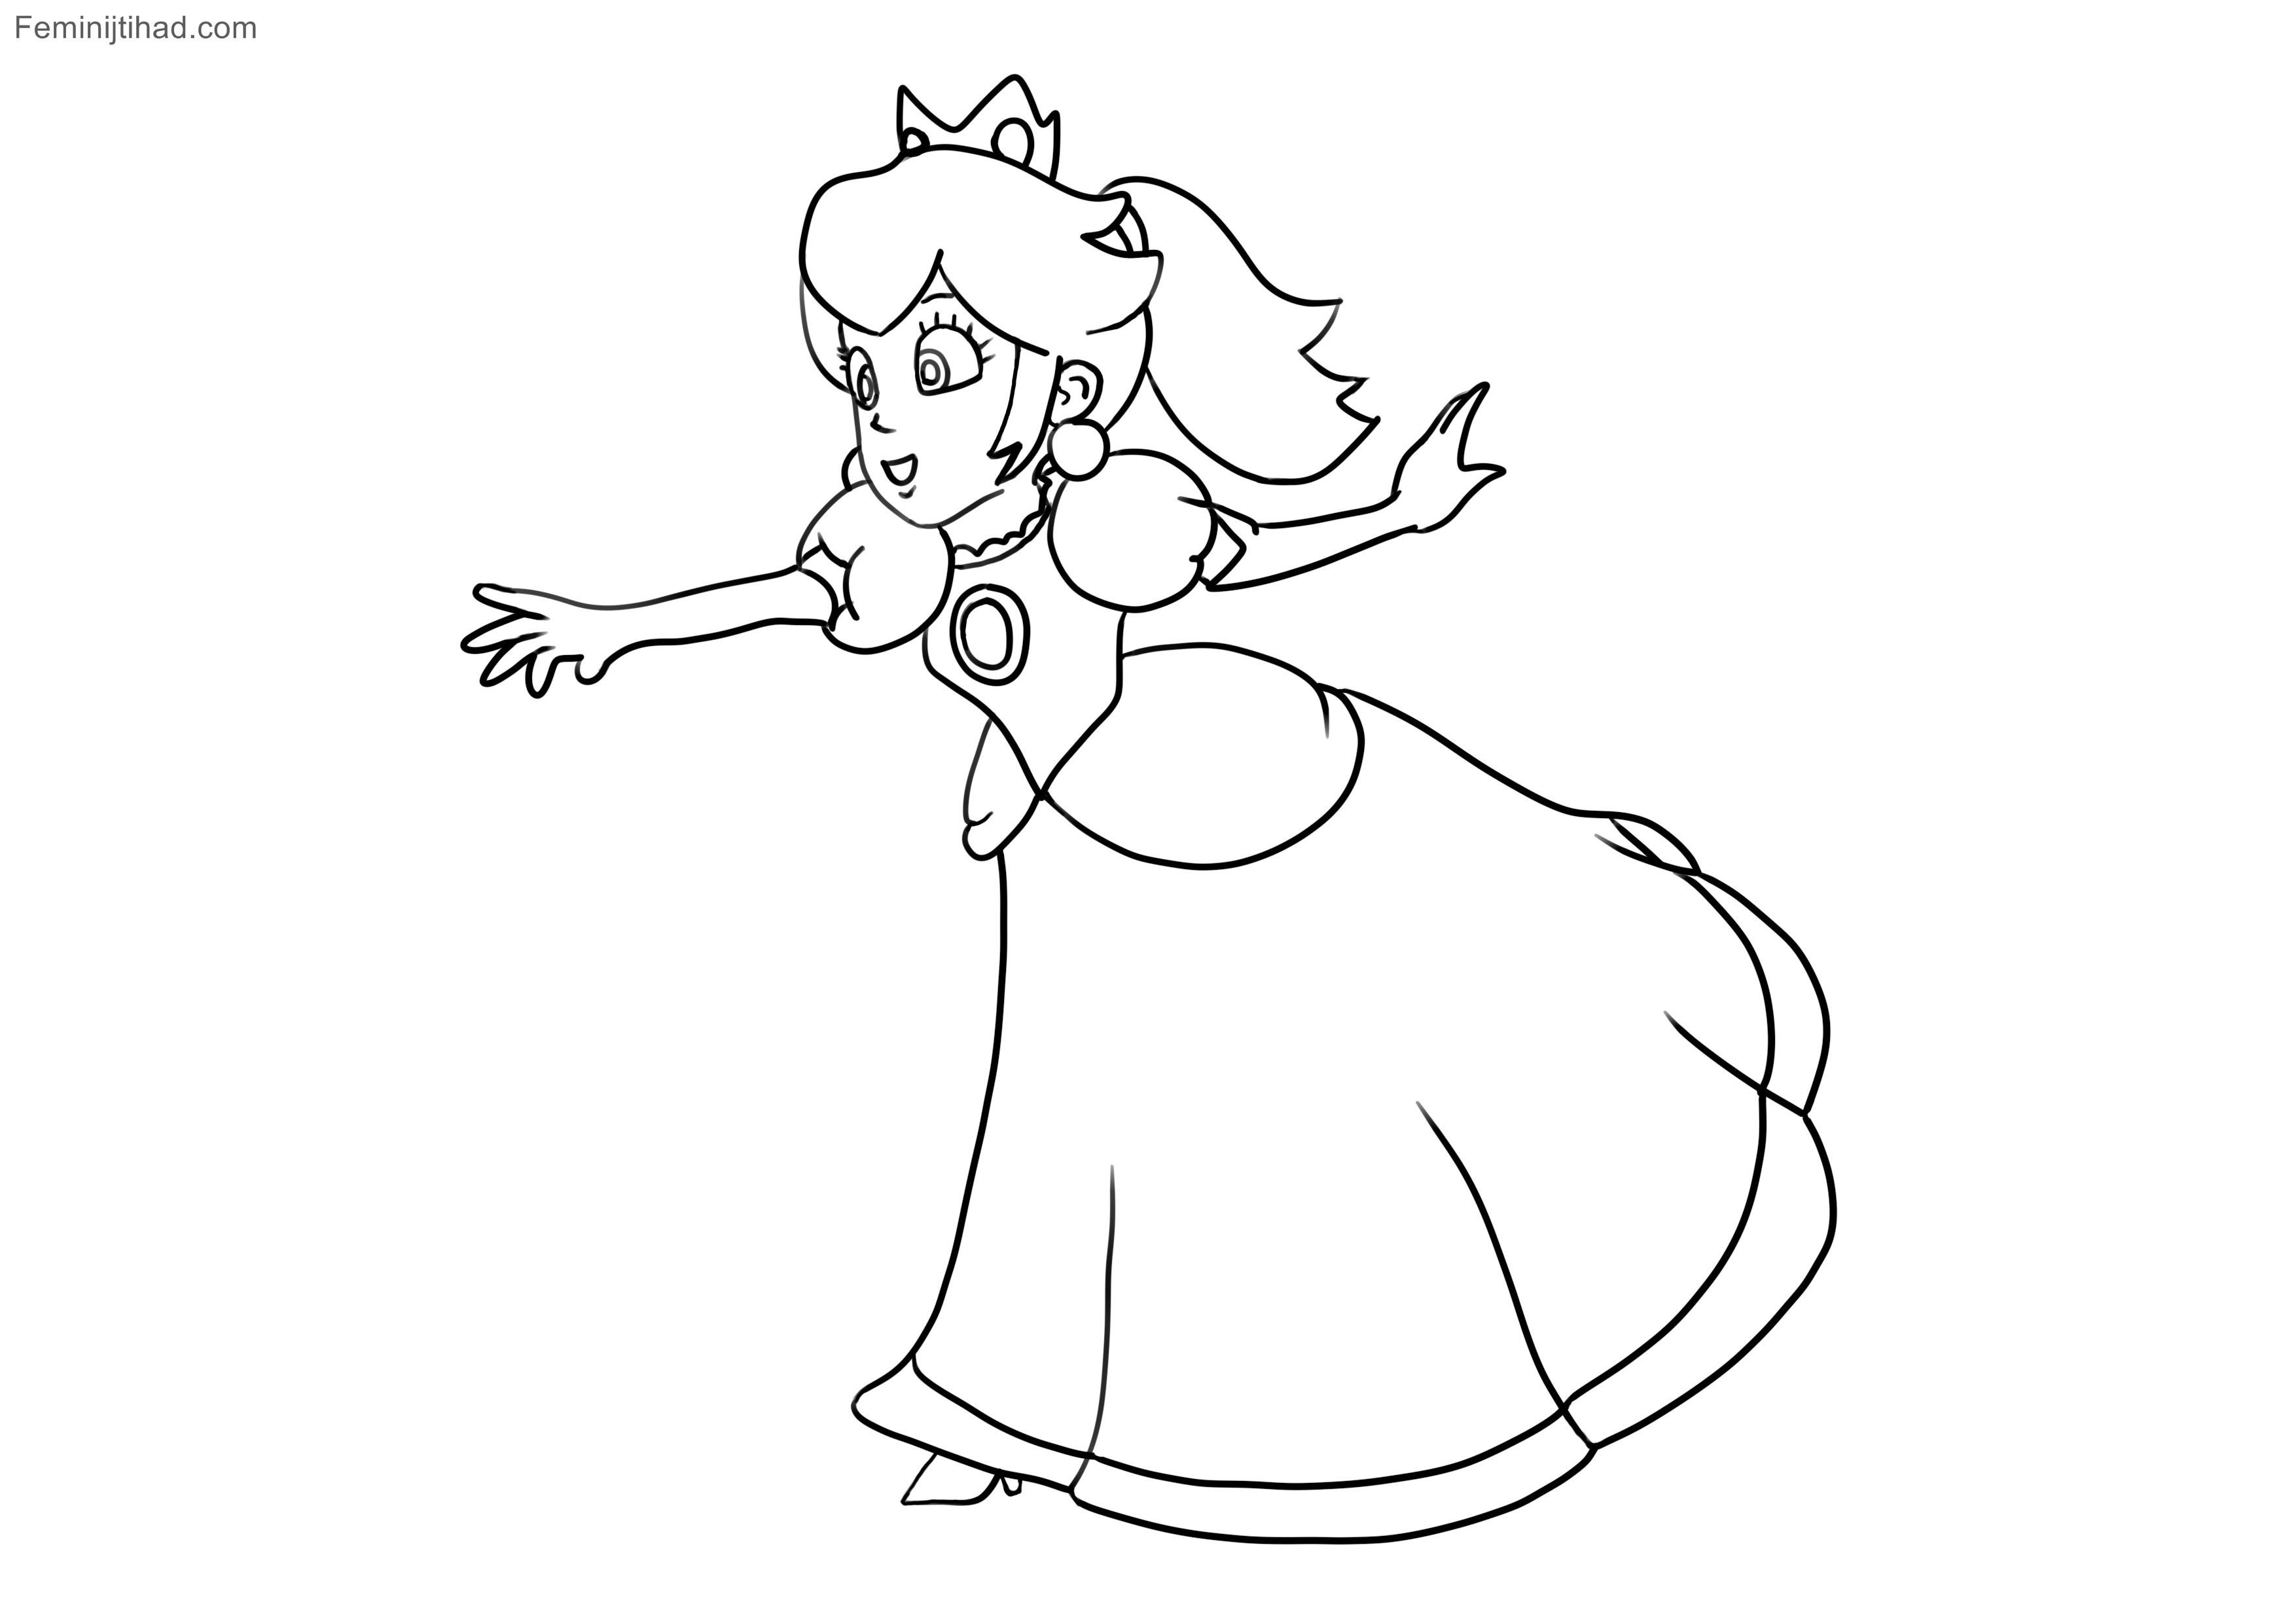 Mario Zum Ausmalen Genial 9 Peach Coloring Page Frisch Super Mario Ausmalbilder Peach Bilder